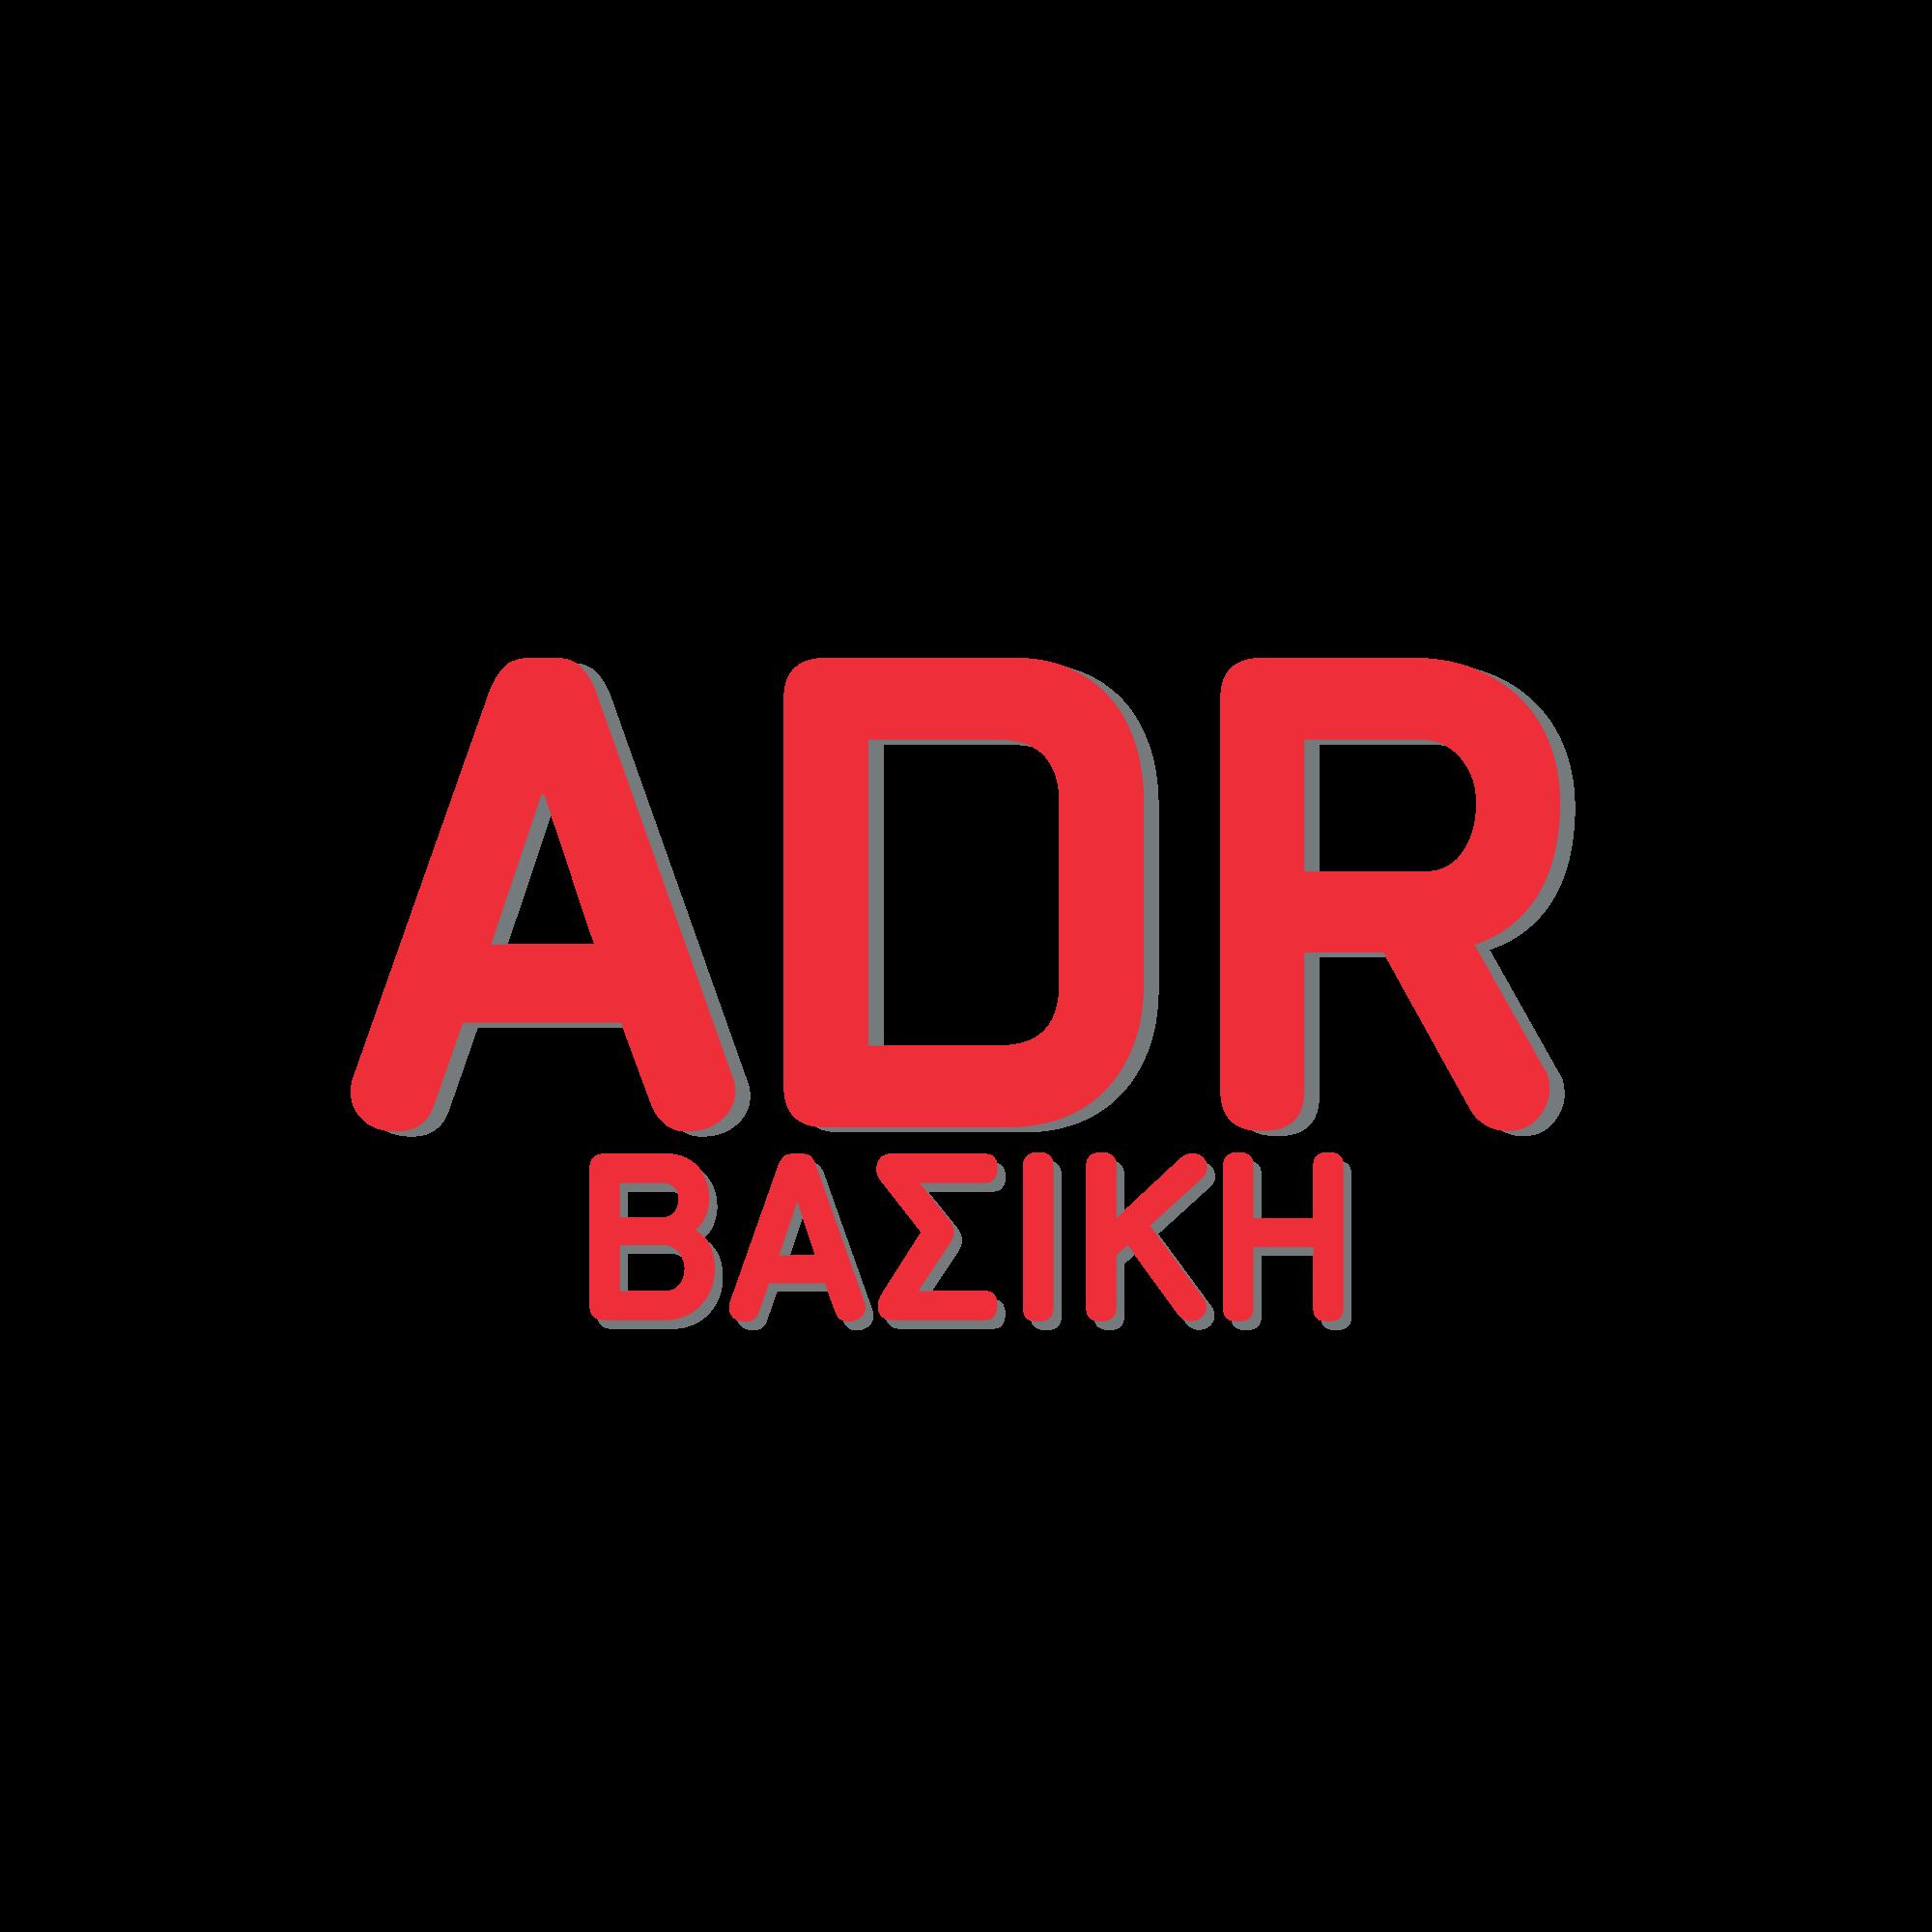 Πιστοποιητικό ADR Π1 (Βασική)